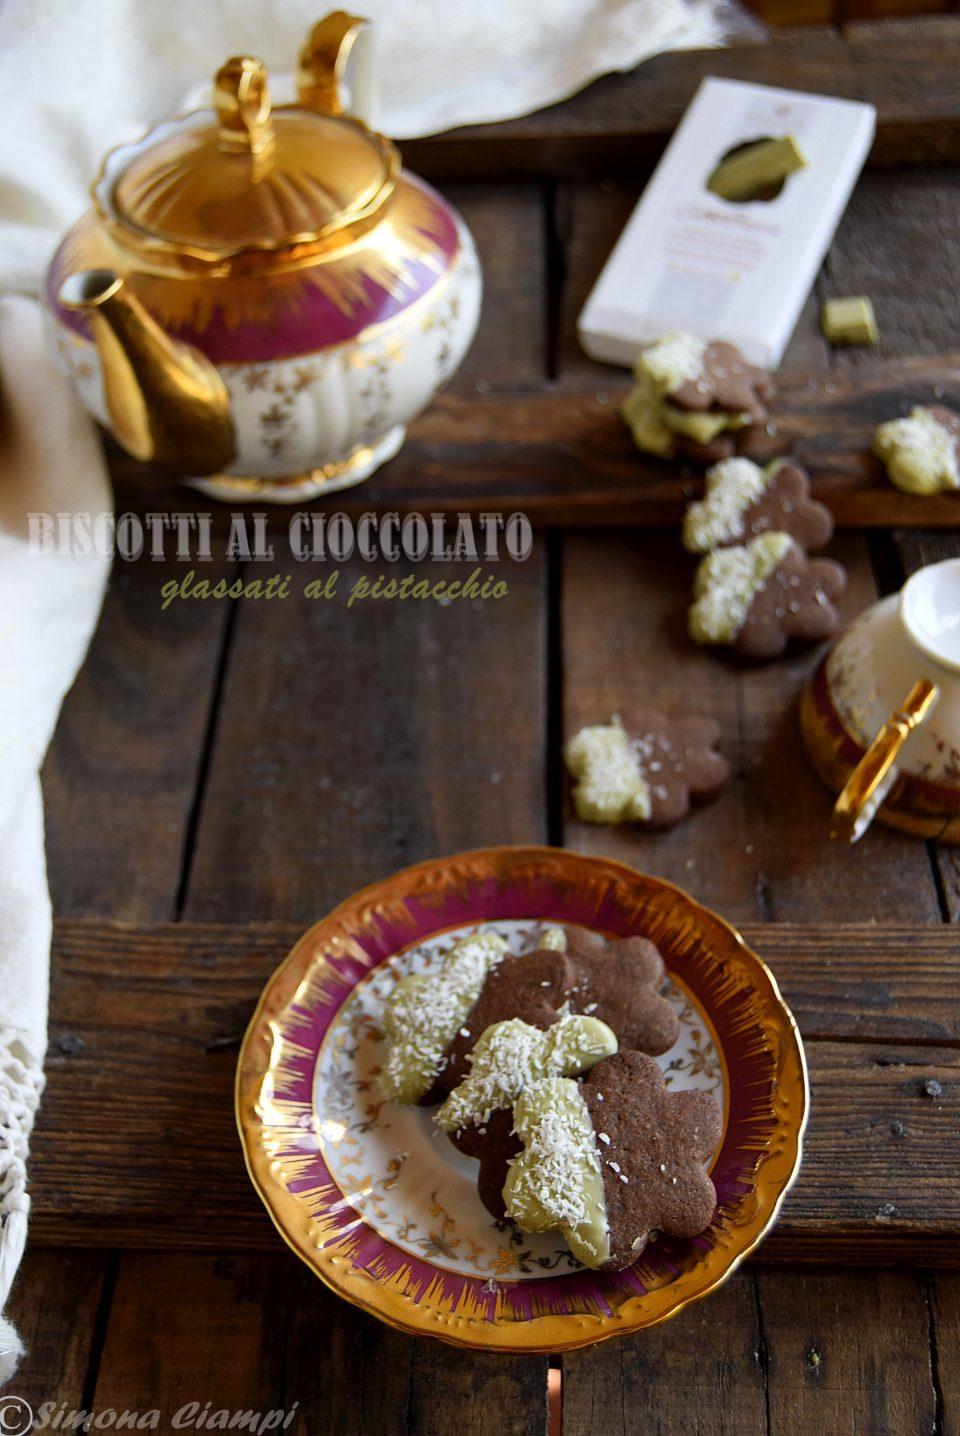 Biscotti al cioccolato glassati al pistacchio